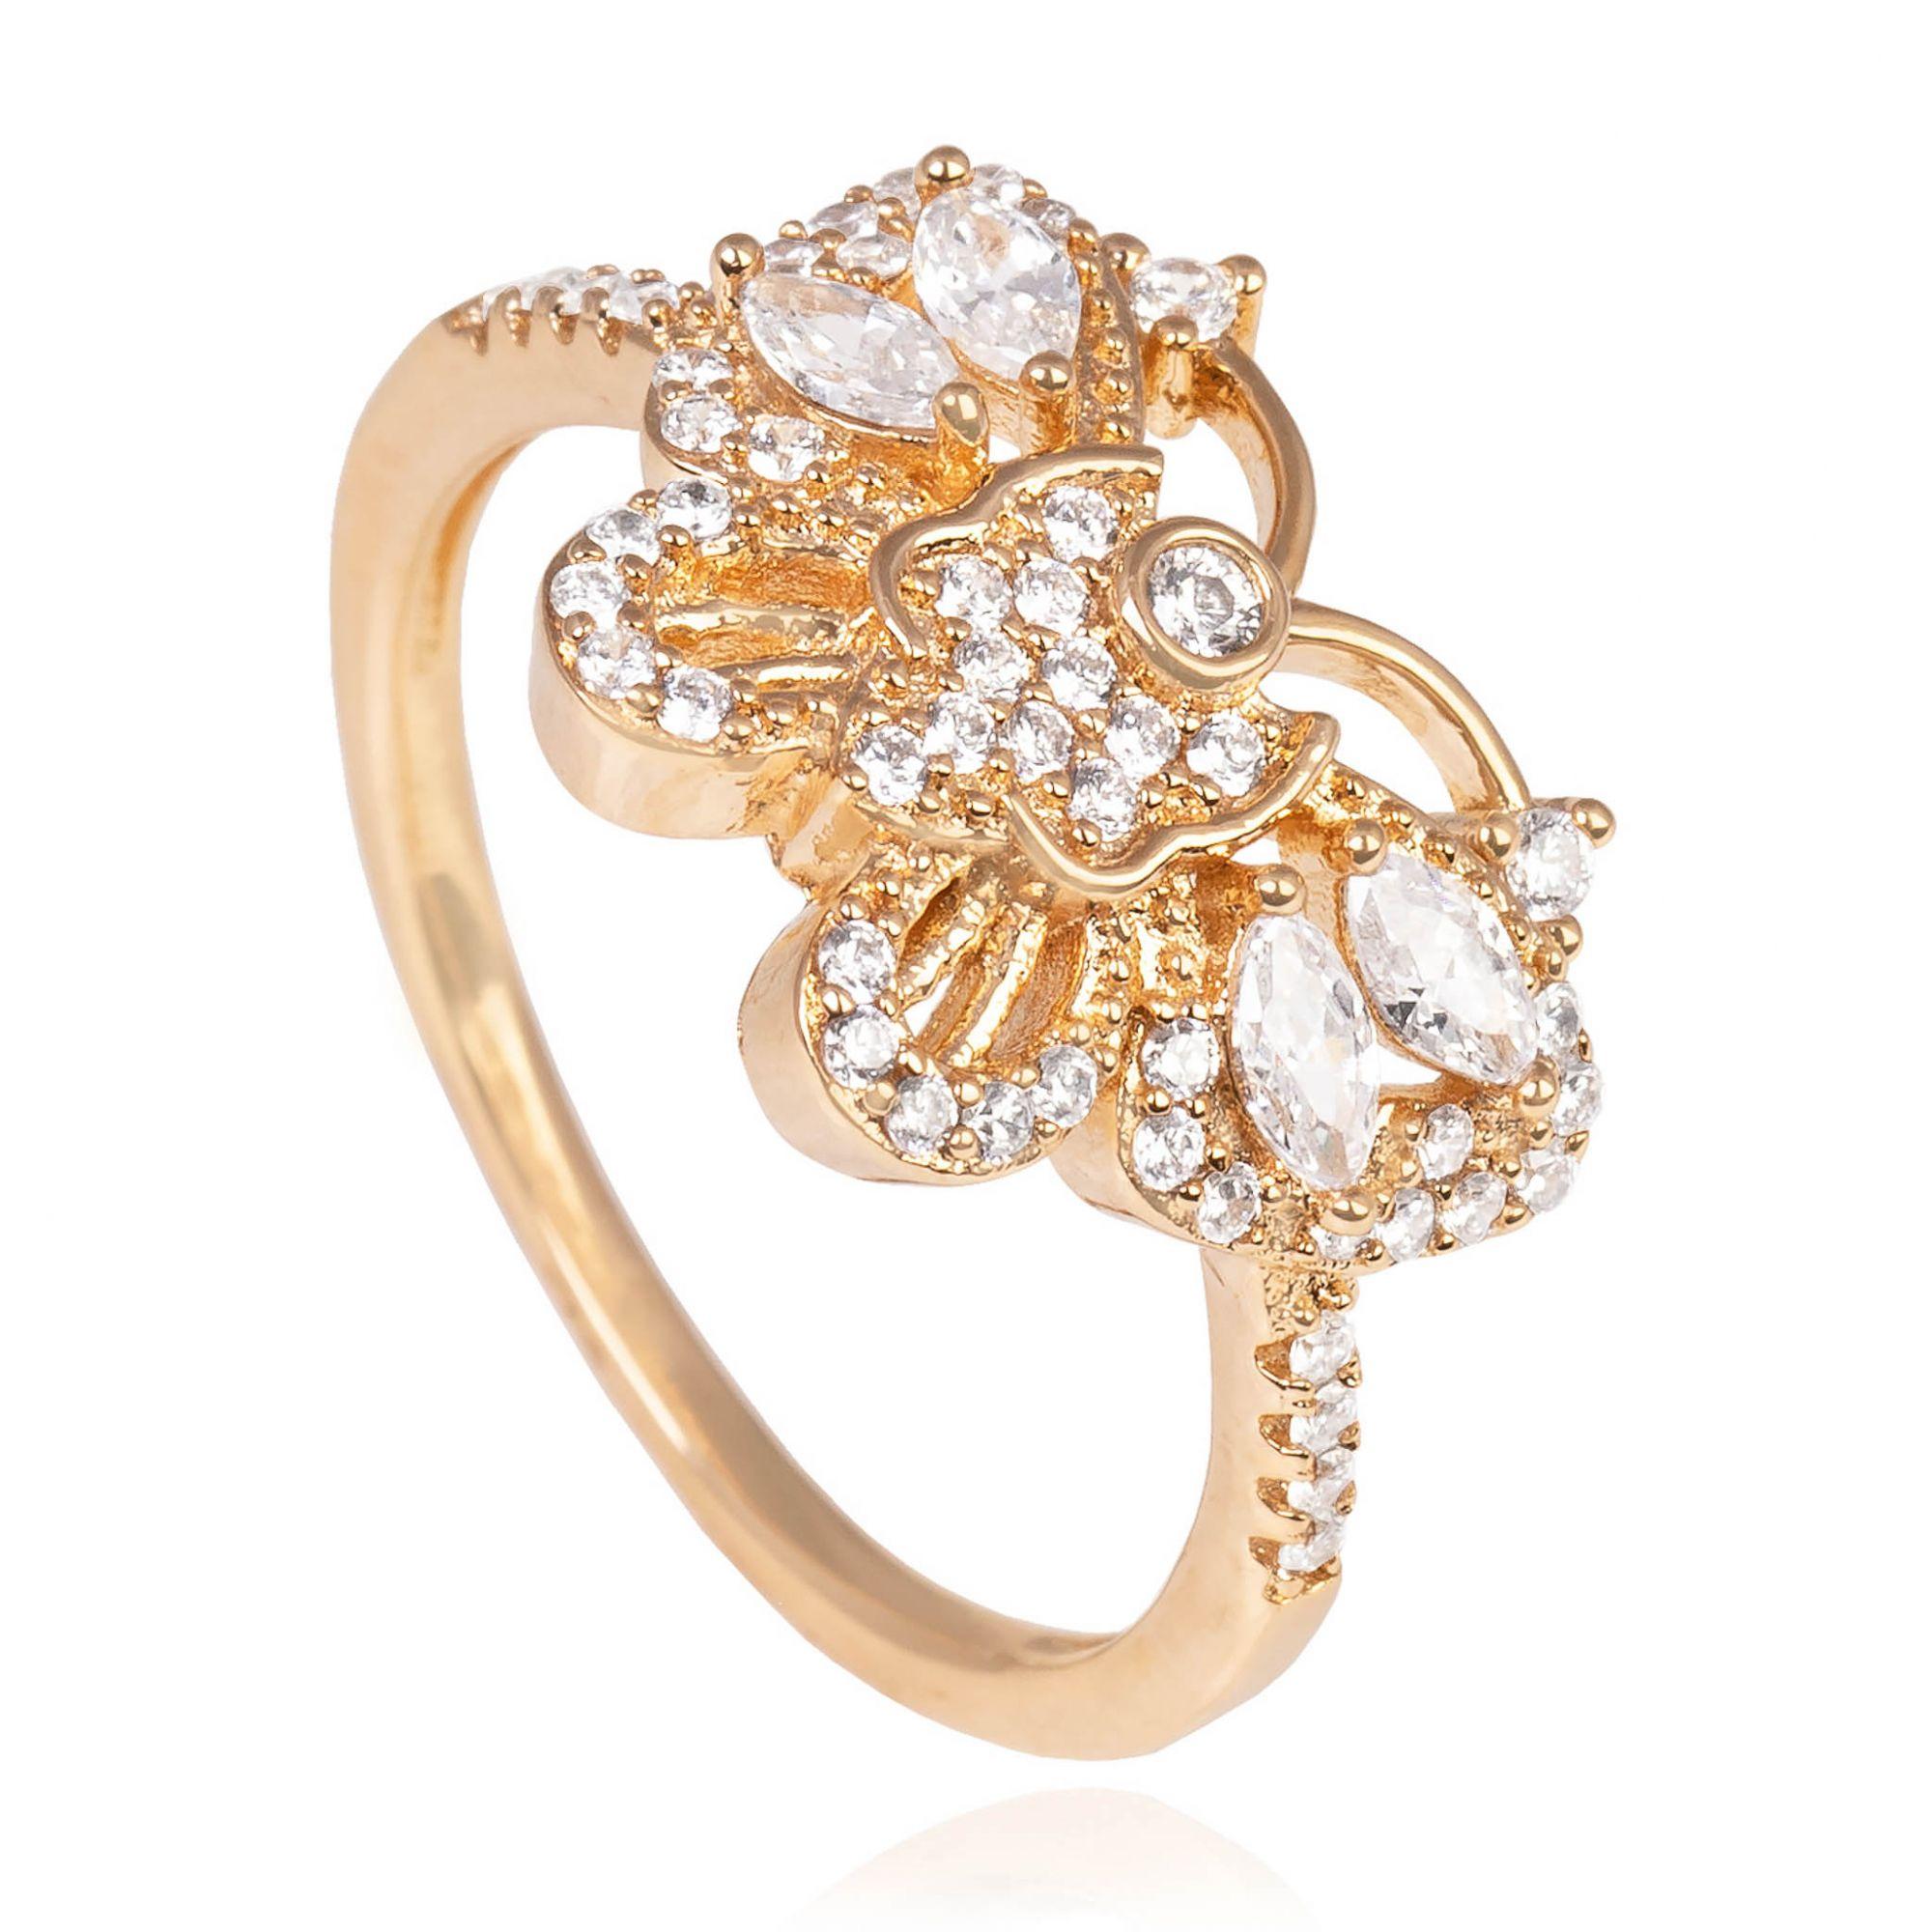 Anel de borboleta com zircônias cristais banhado a ouro 18k.  - bfdecor.com.br